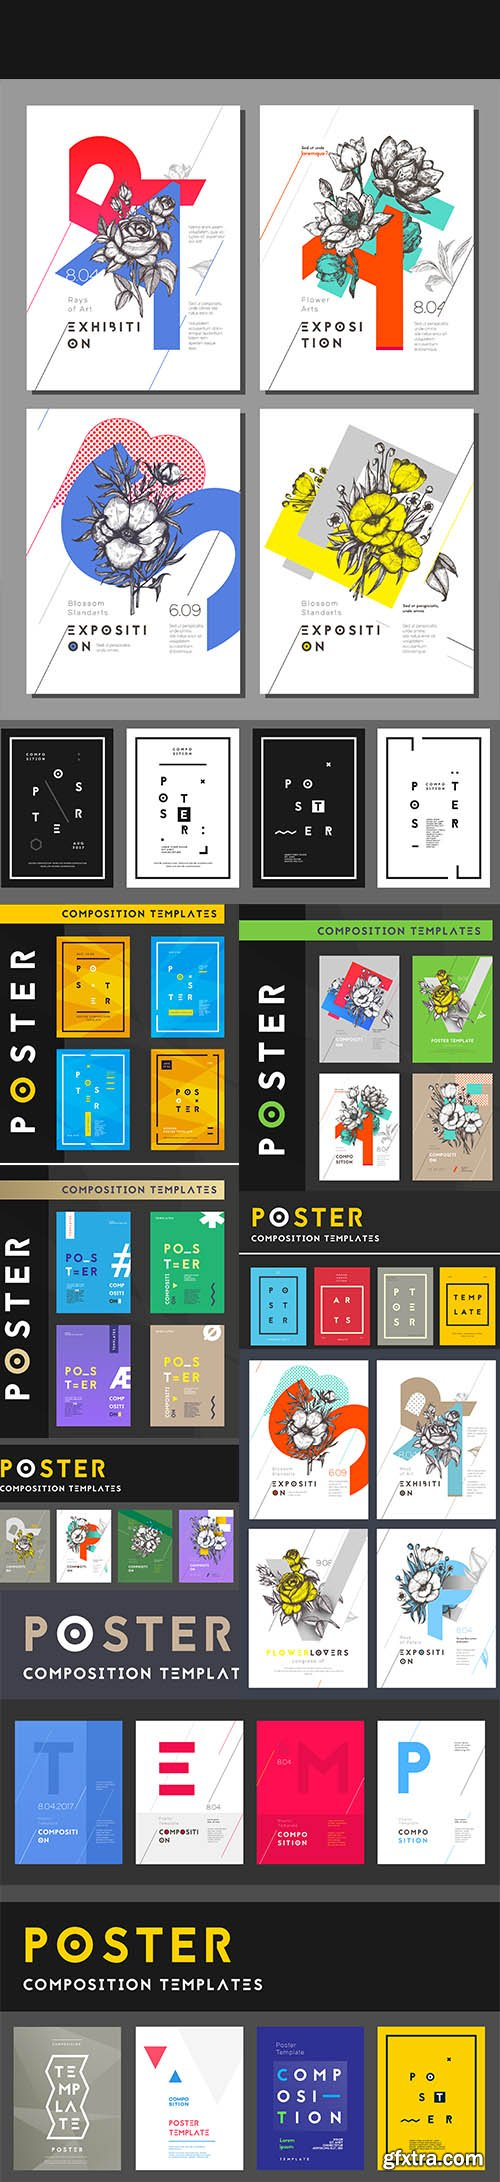 Set poster templates modern clean design vector illustration